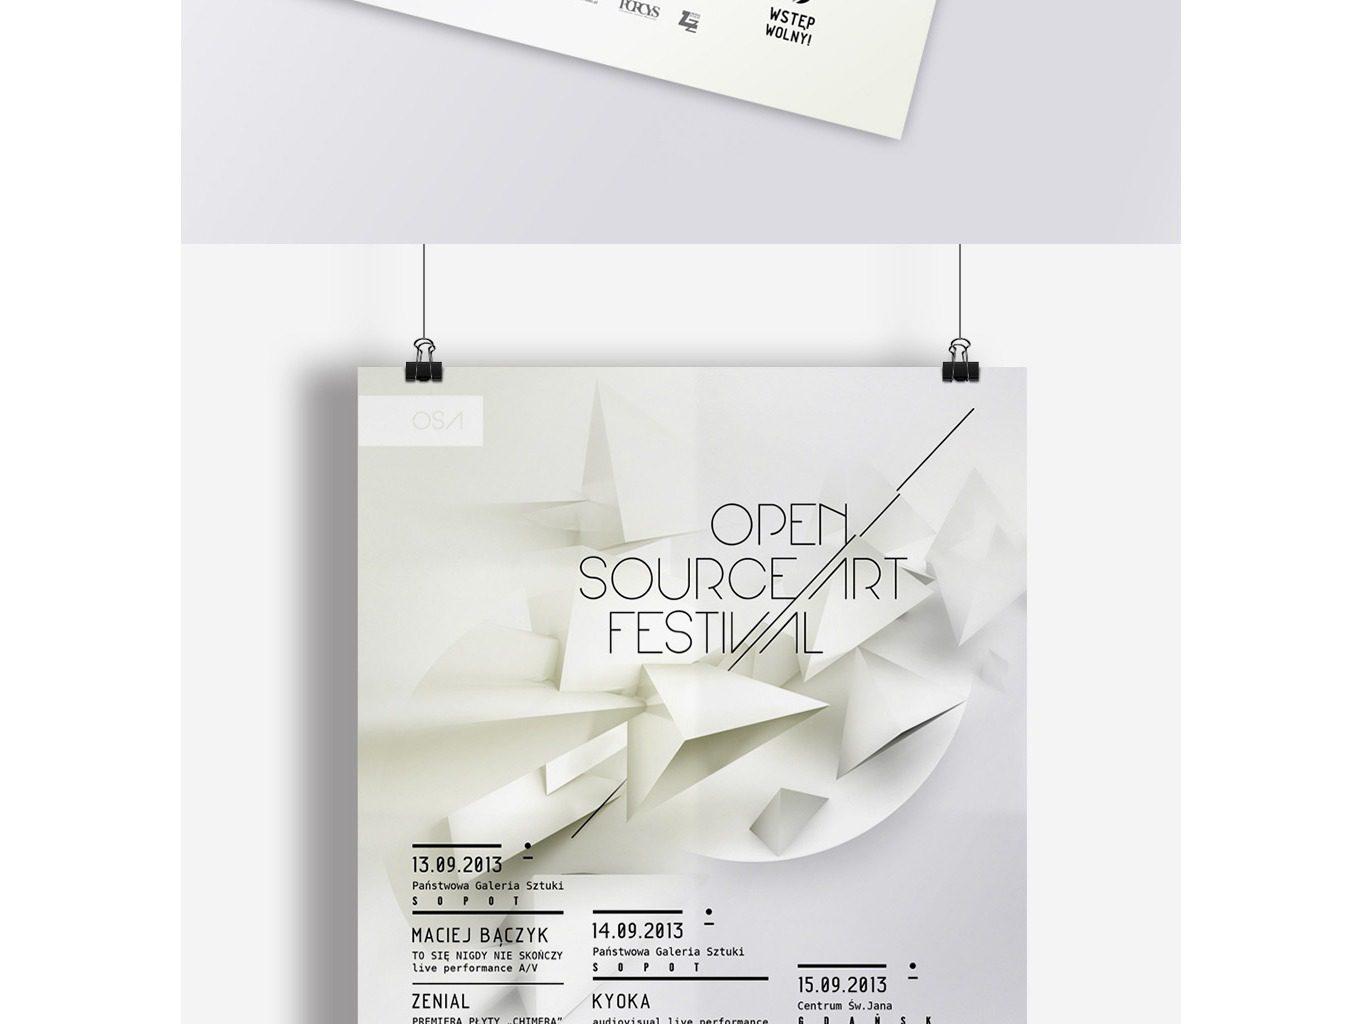 Open Source Art Festival 16